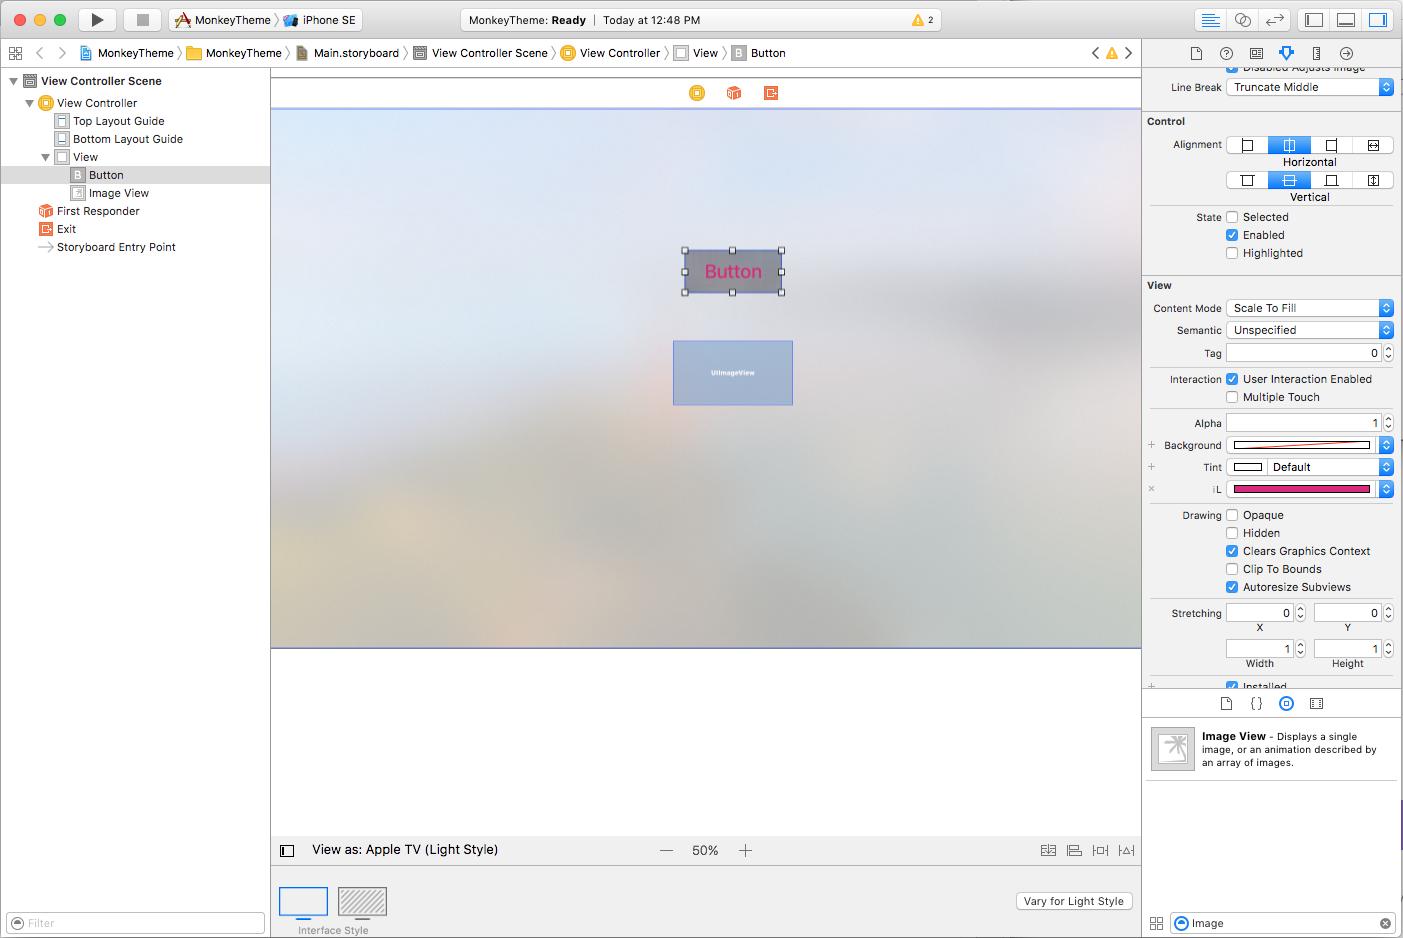 Neuer Benutzer Schnittstelle Stile - Xamarin | Microsoft Docs